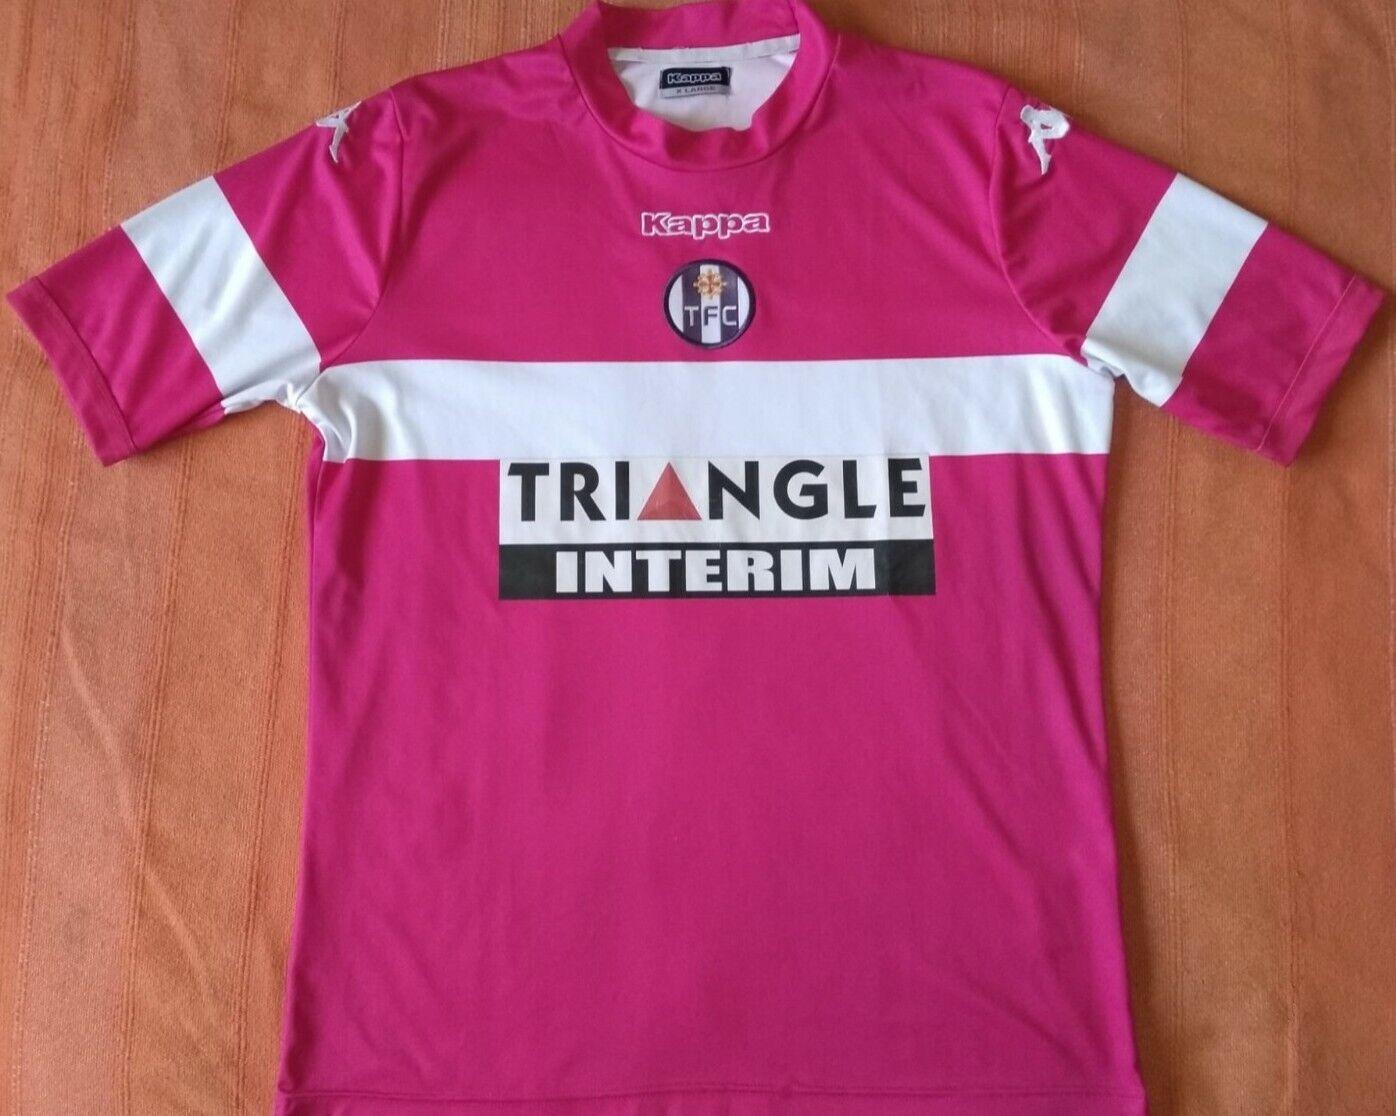 Camiseta Maillot Shirt TOULOUSE Kappa away Season 2013 Diuominiione XL Vintage